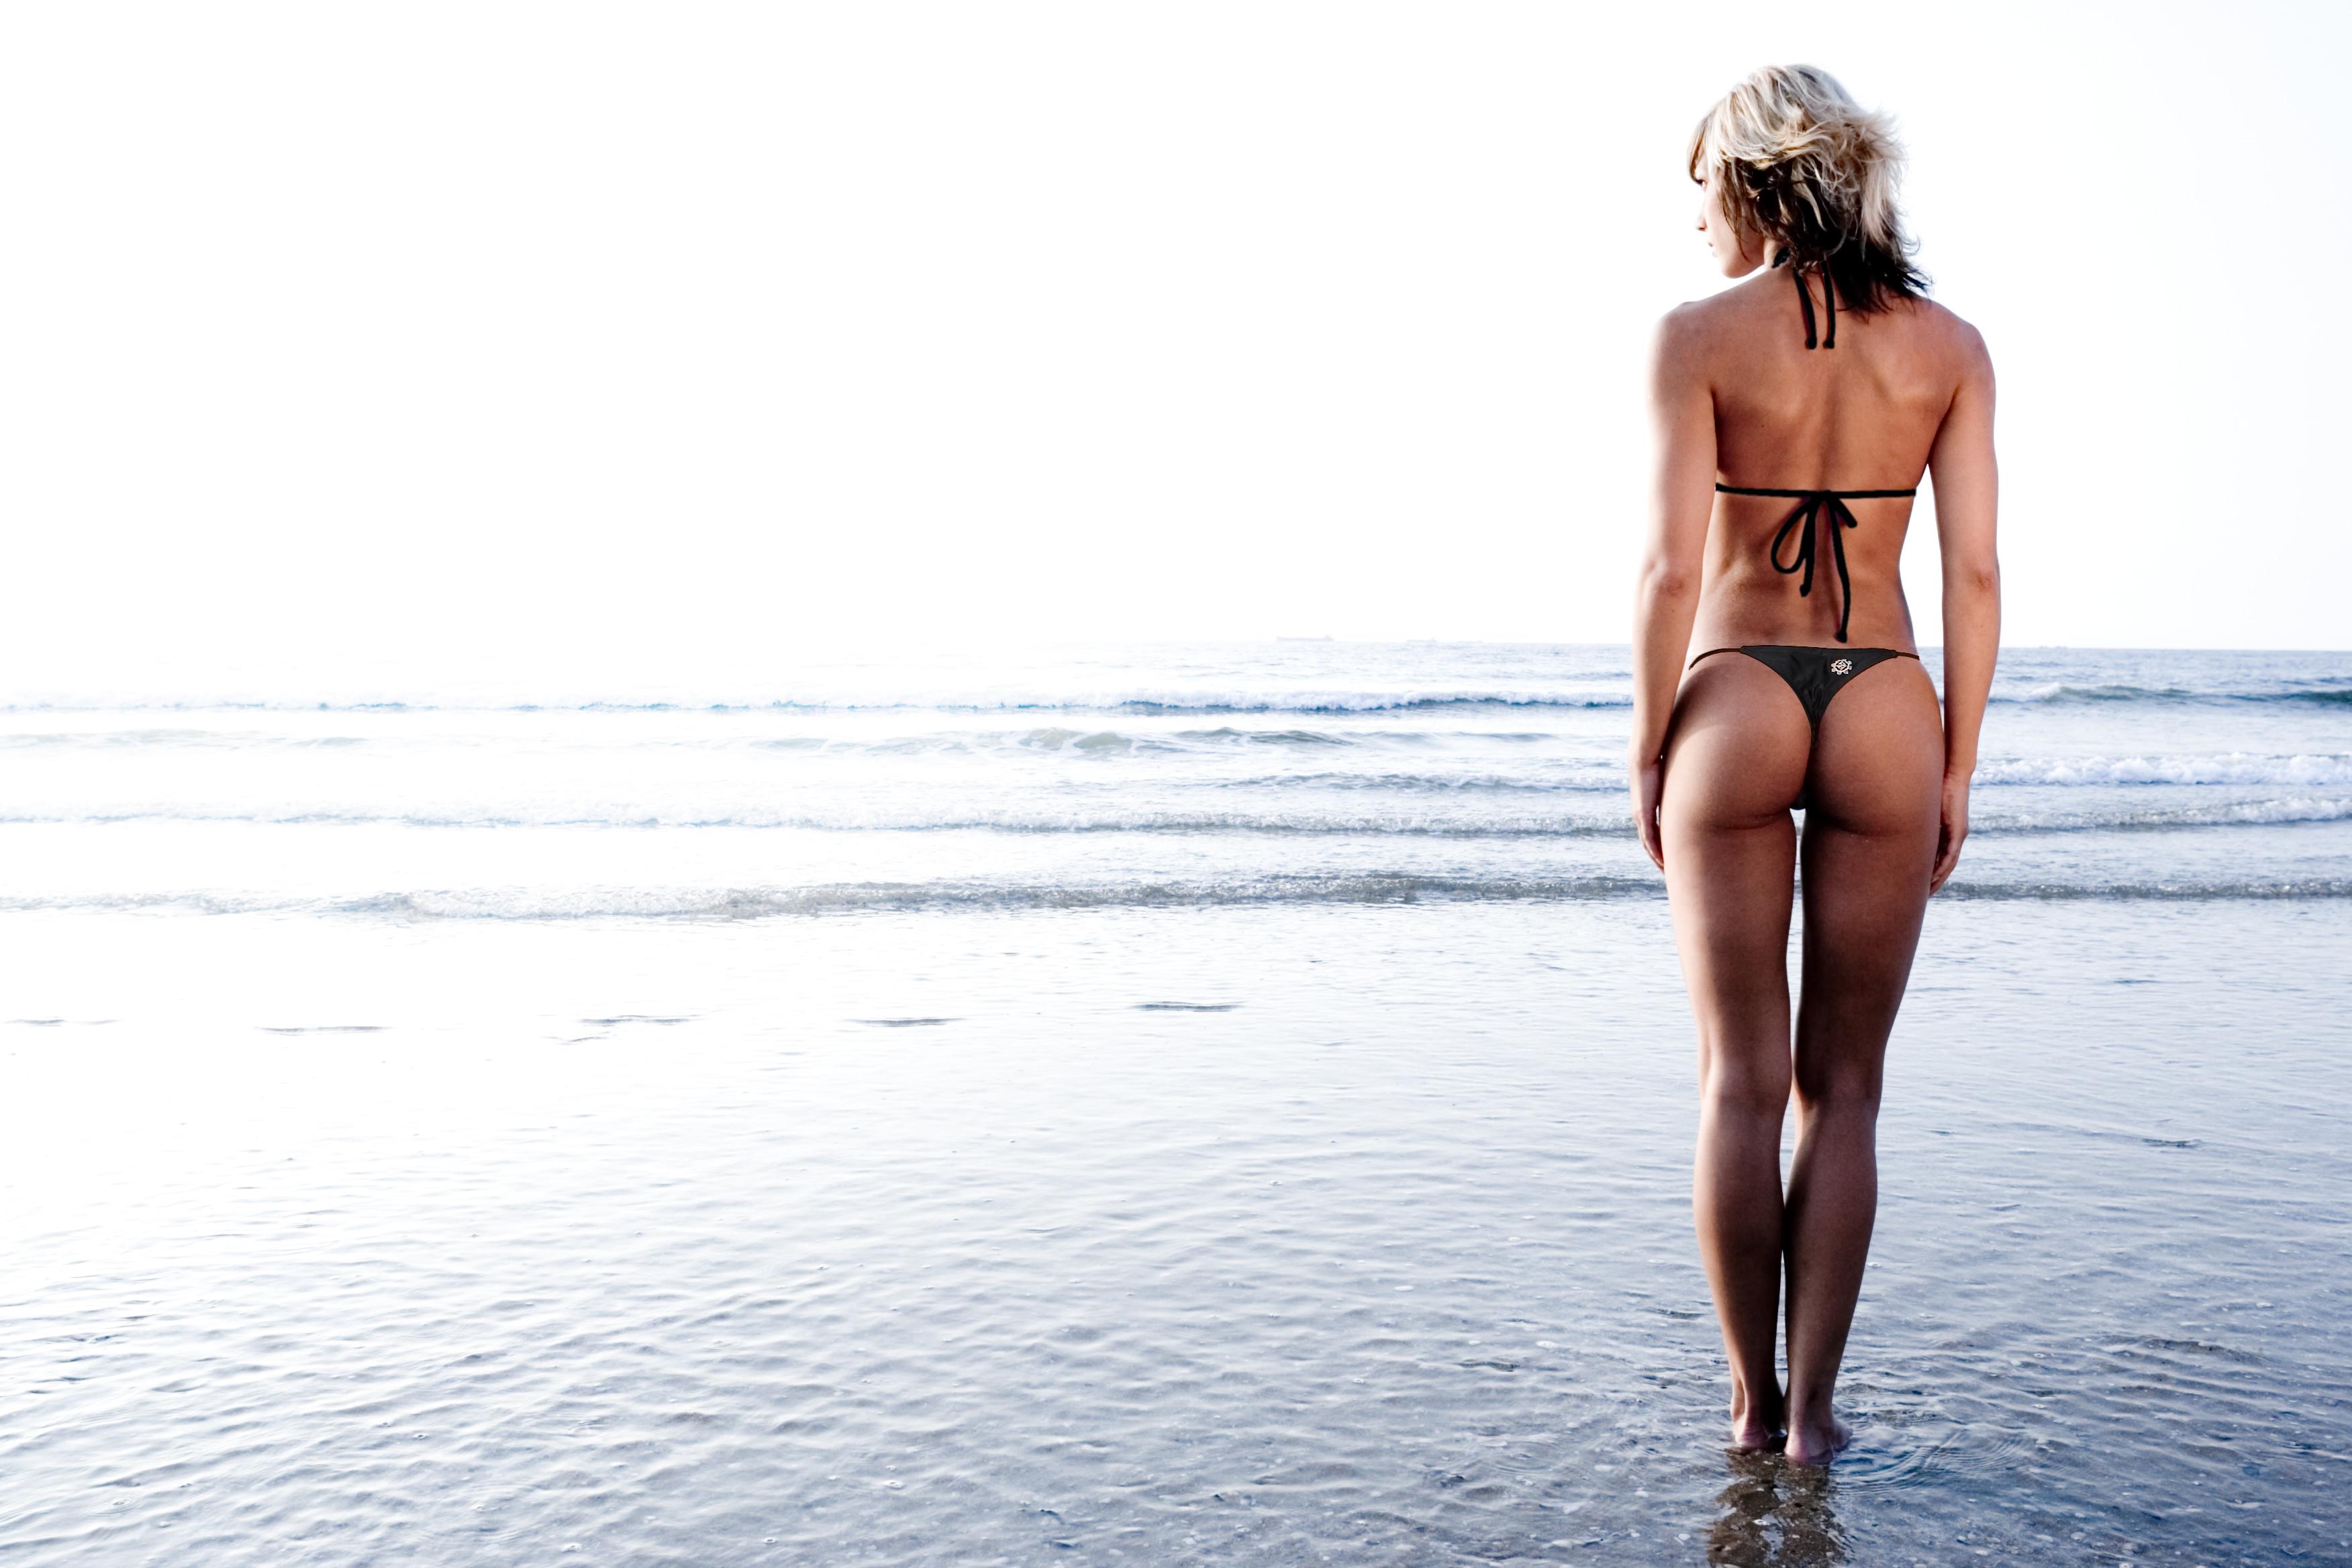 セクシー外国人美女の水着姿 22